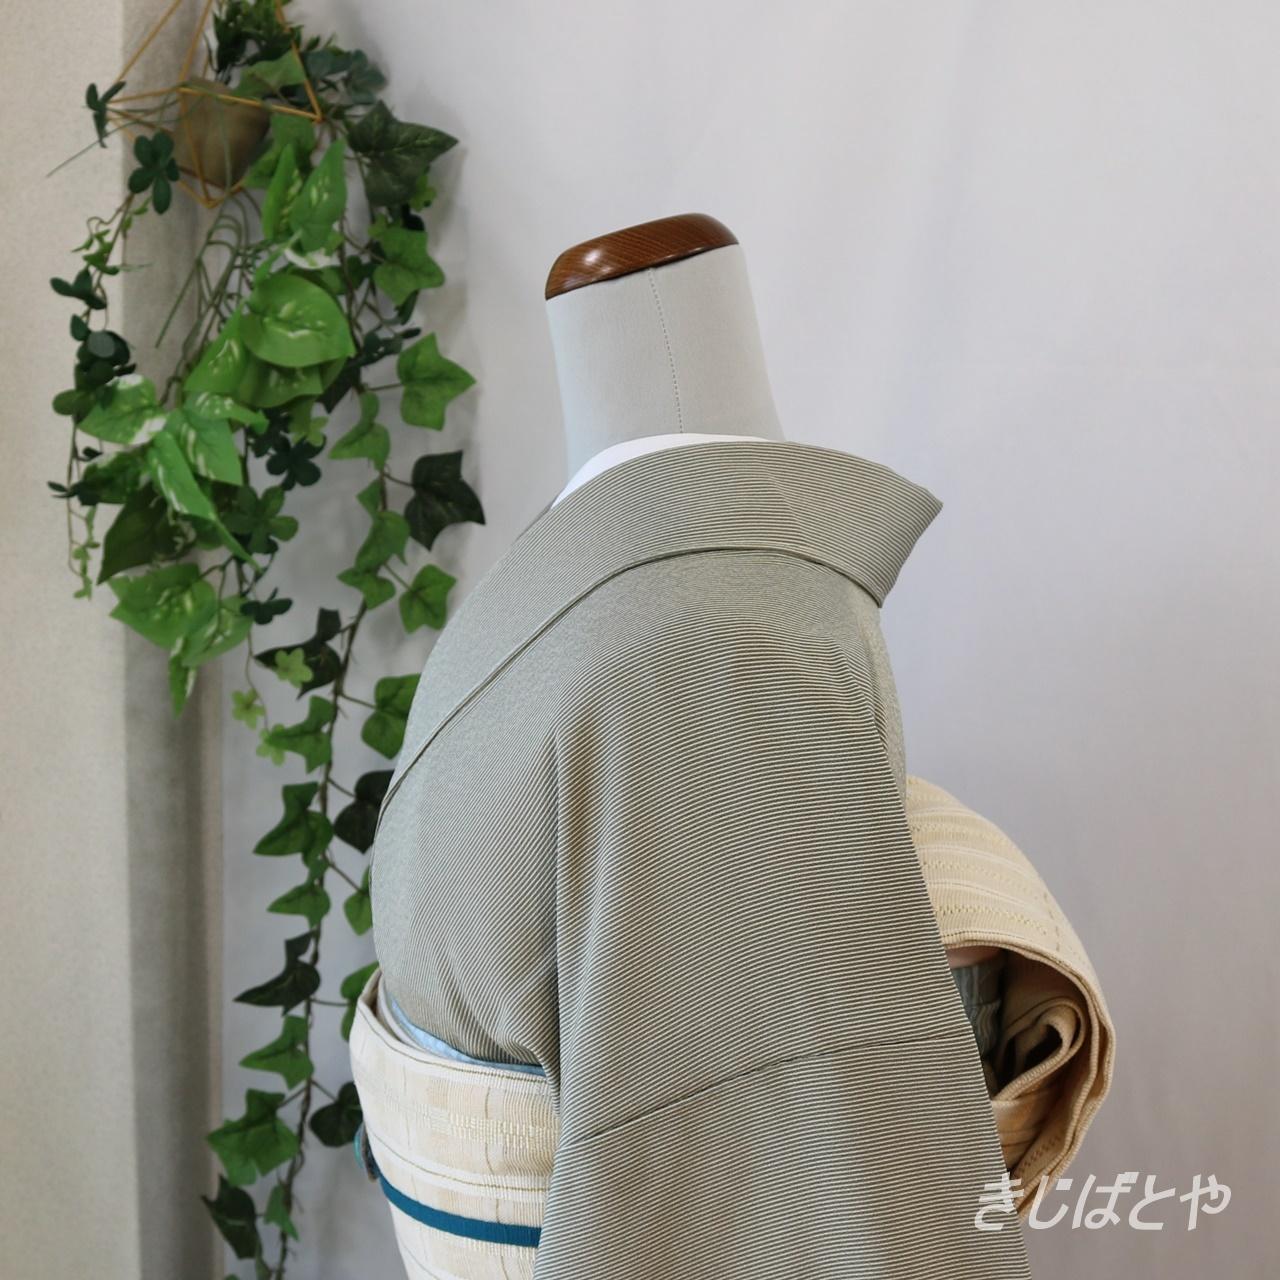 正絹ちりめん 利休鼠の縞の江戸小紋 単衣